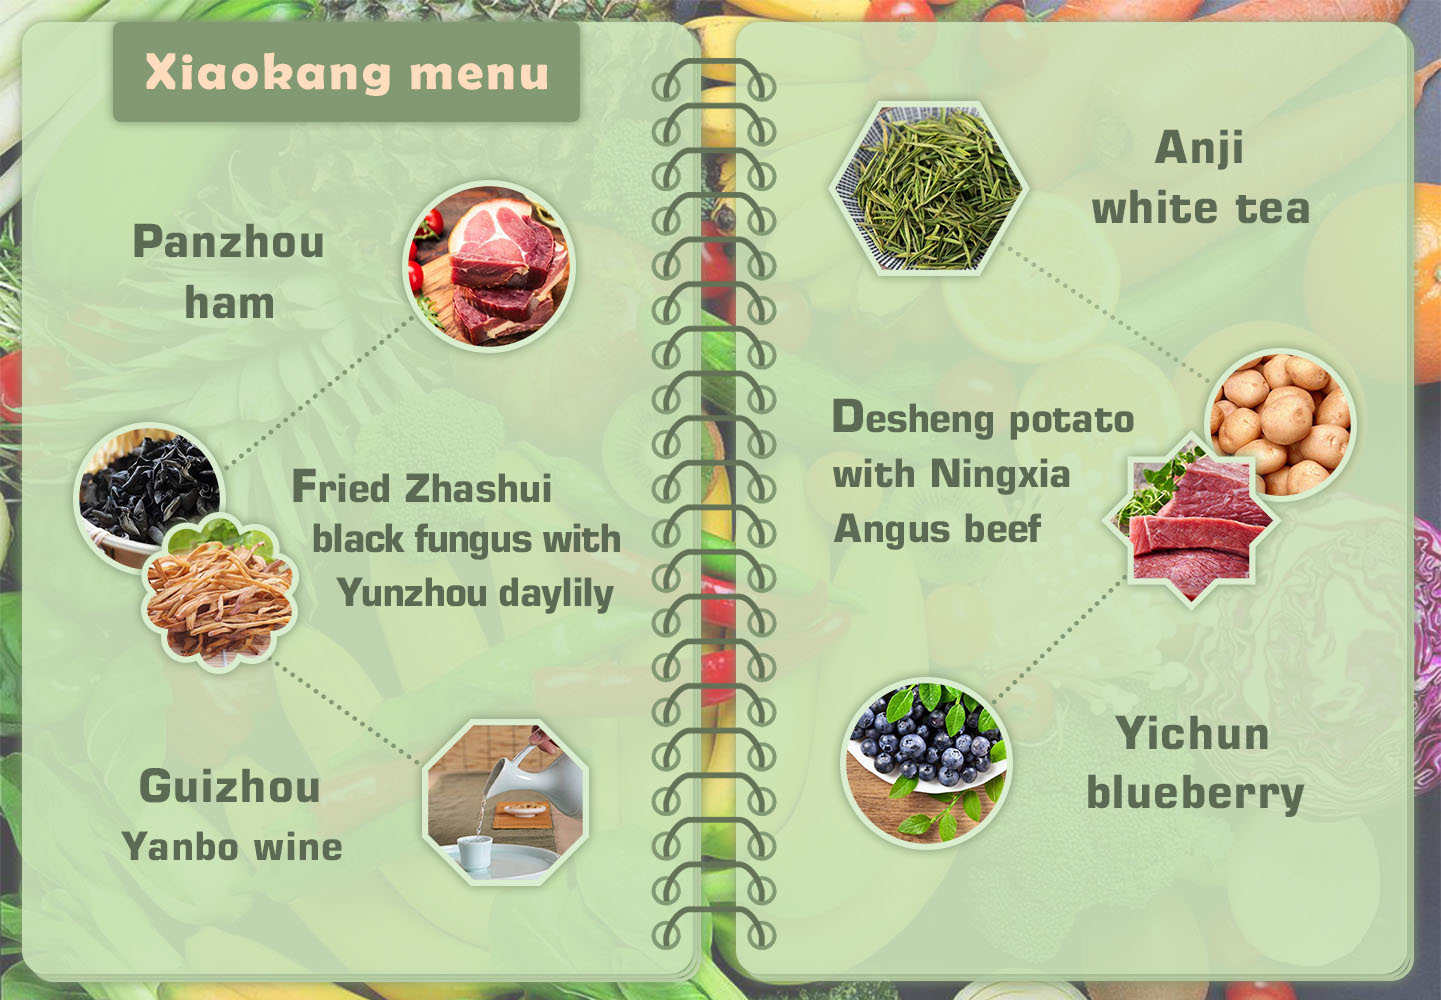 xiaokang menu 0602.jpg